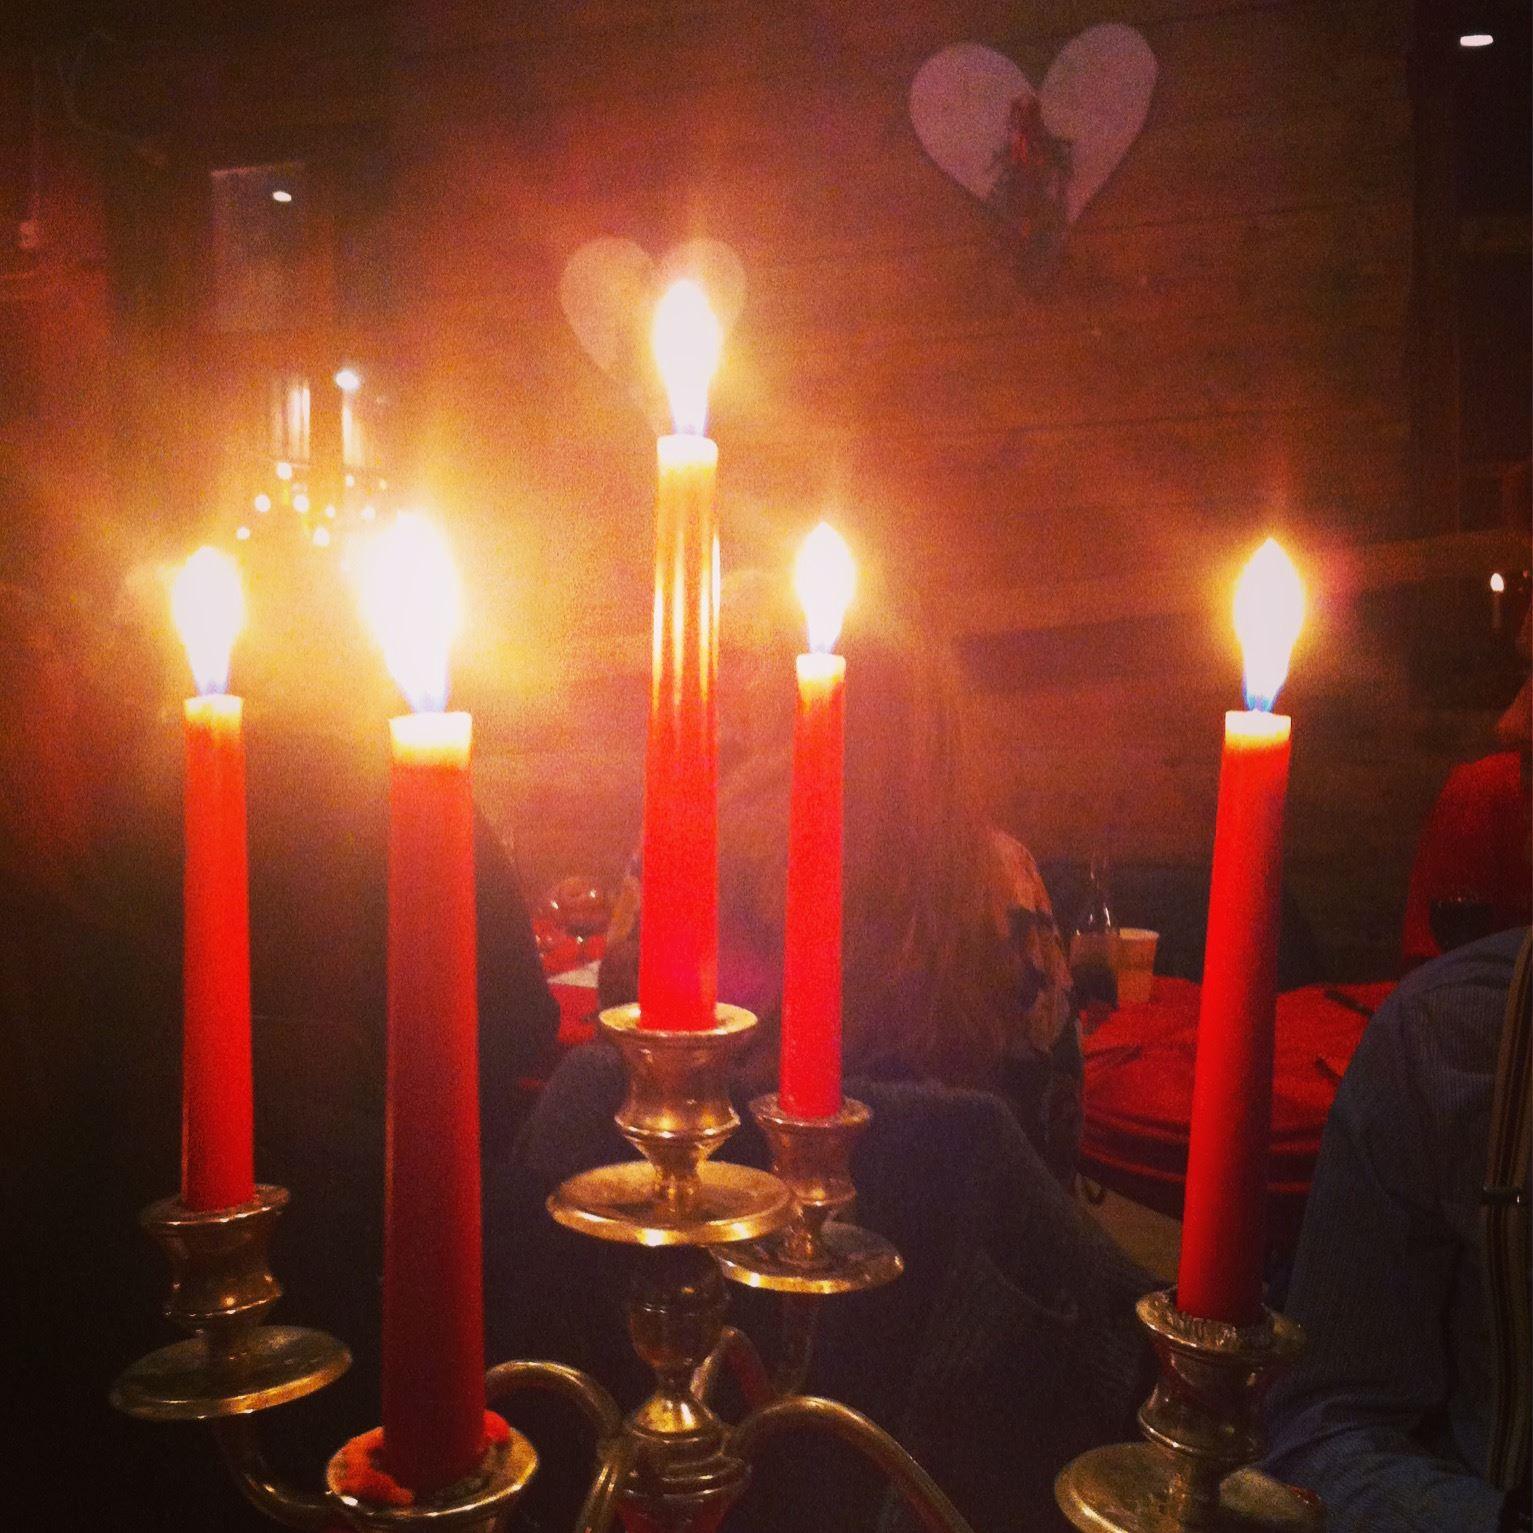 Musik, Möten och Mat - Sånger i advent